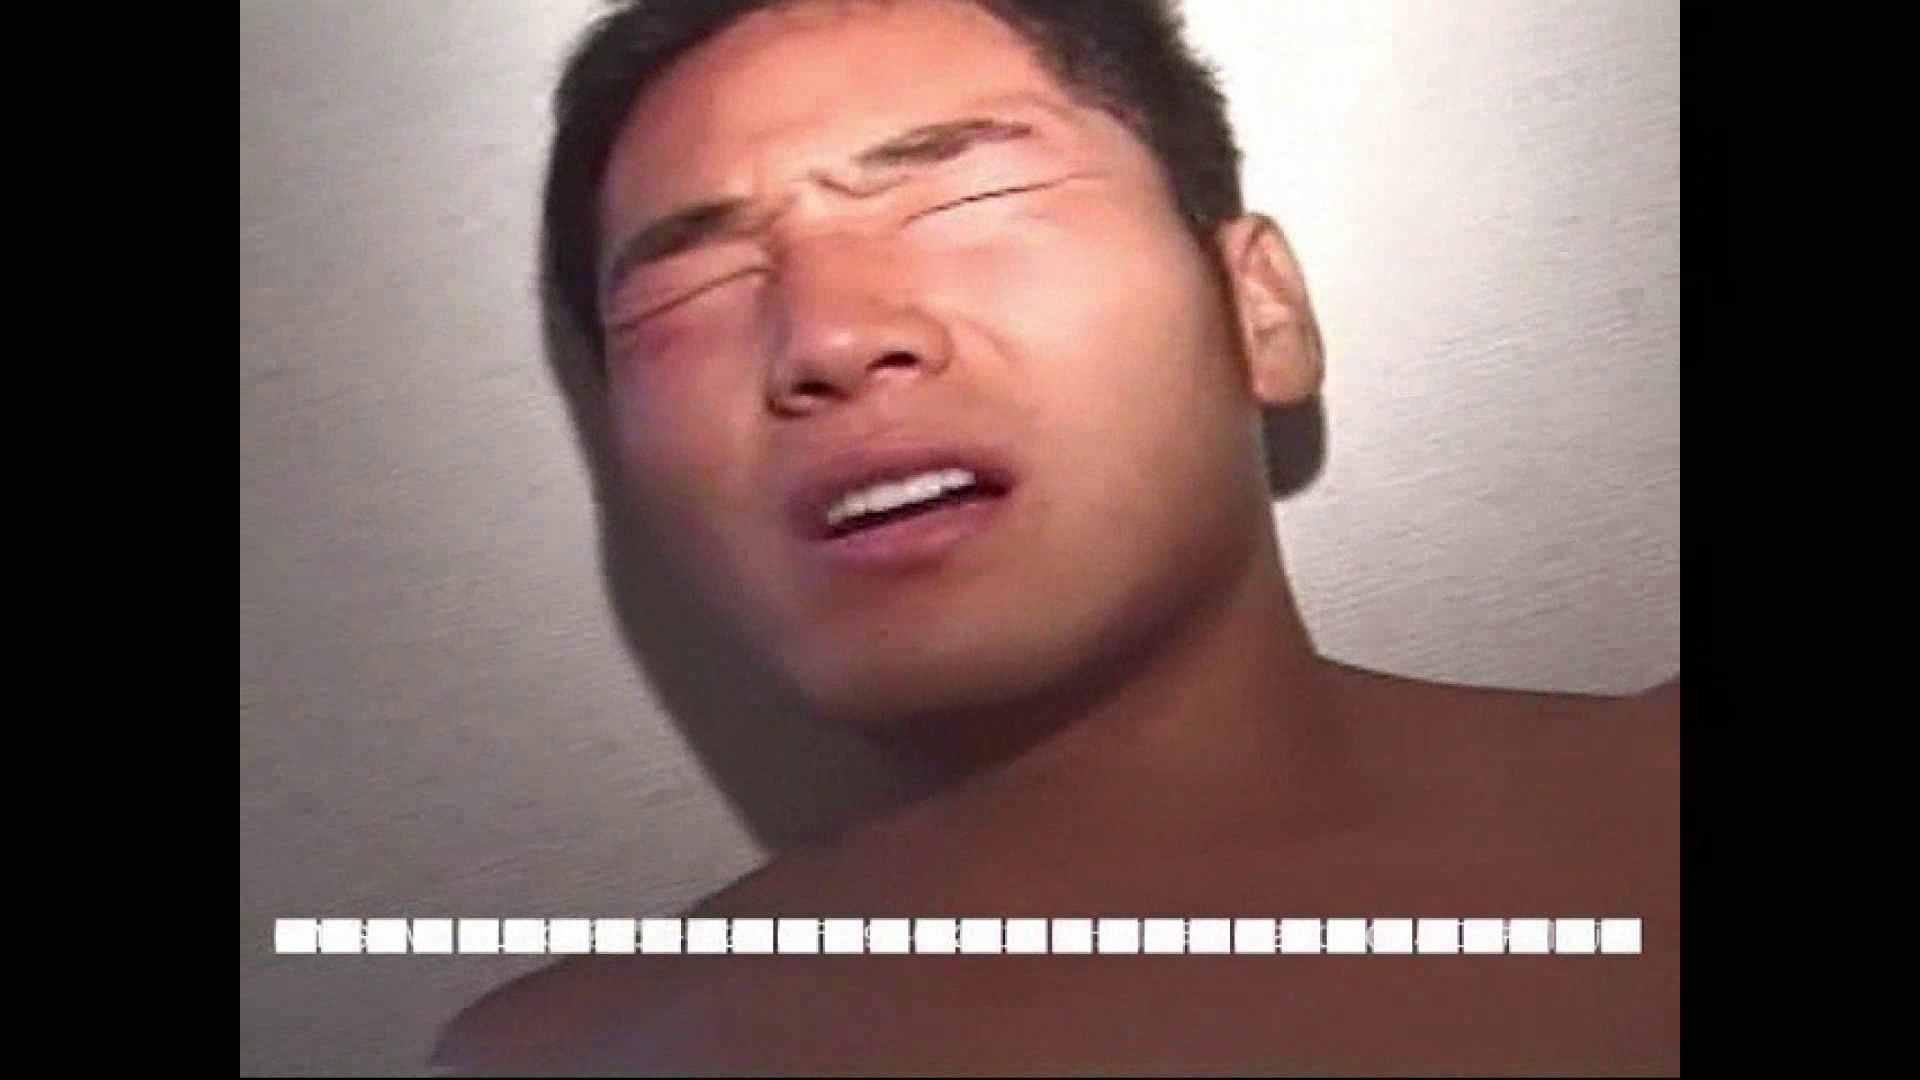 オナれ!集まれ!イケてるメンズ達!!File.08 サル系男子 ゲイSEX画像 71枚 27